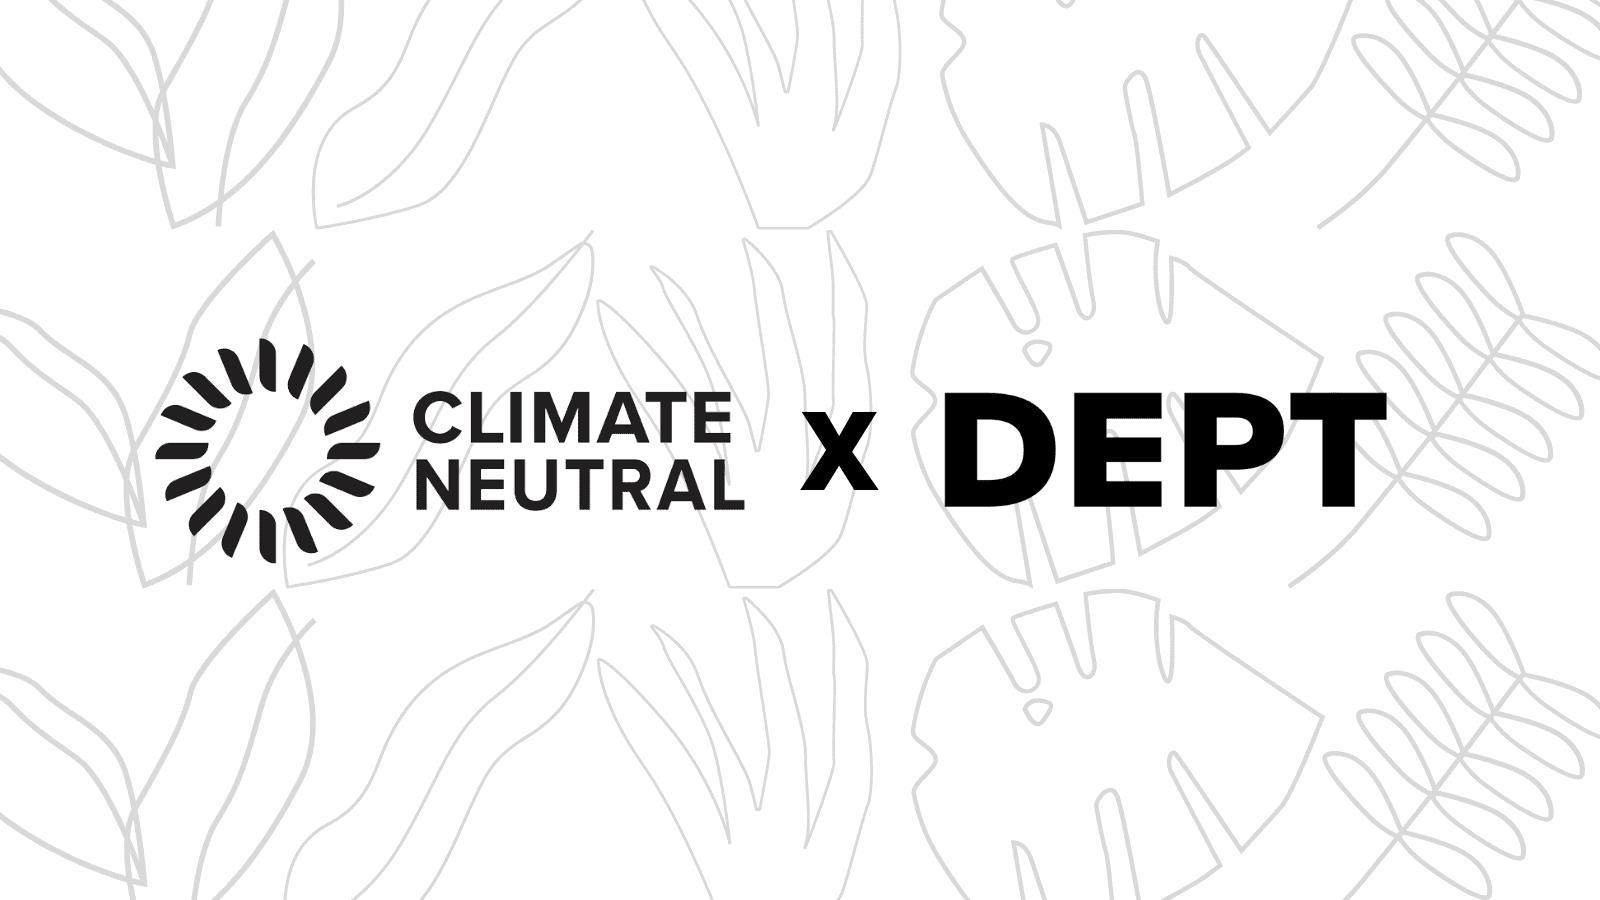 Dept Climate Neutral PR Motion 1